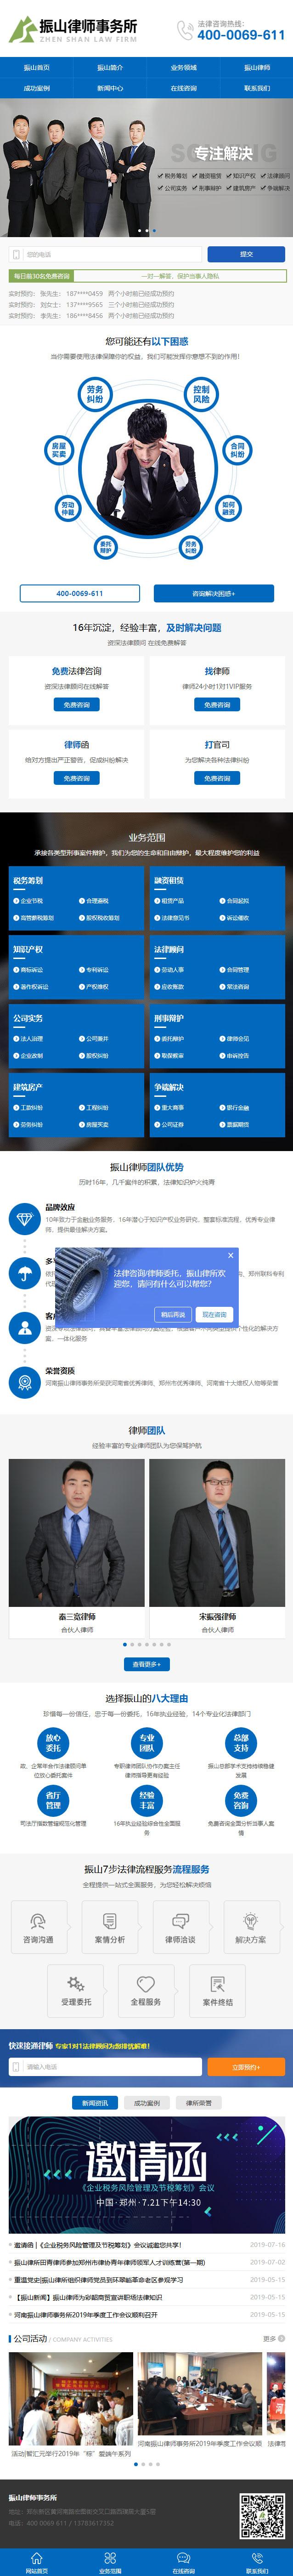 律师事务所网站手机页面展示